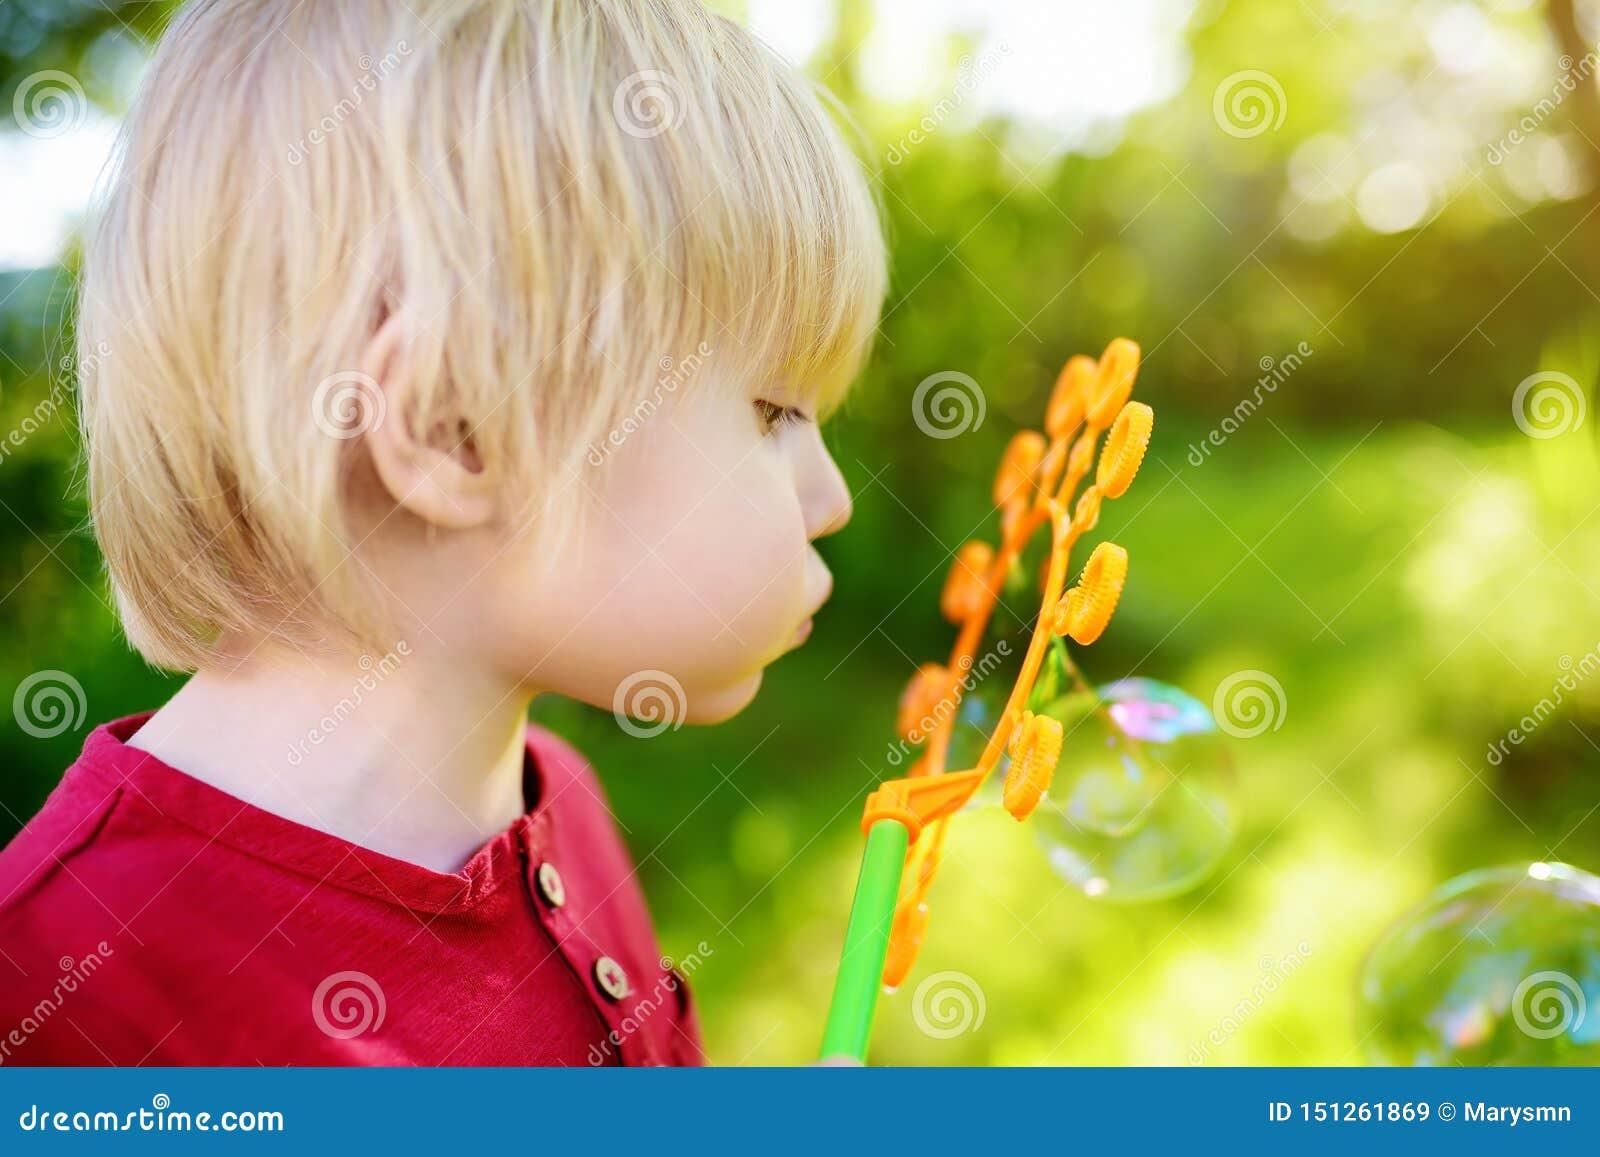 Милый мальчик играет с большими пузырями на открытом воздухе Ребенок дует большие и небольшие пузыри одновременно